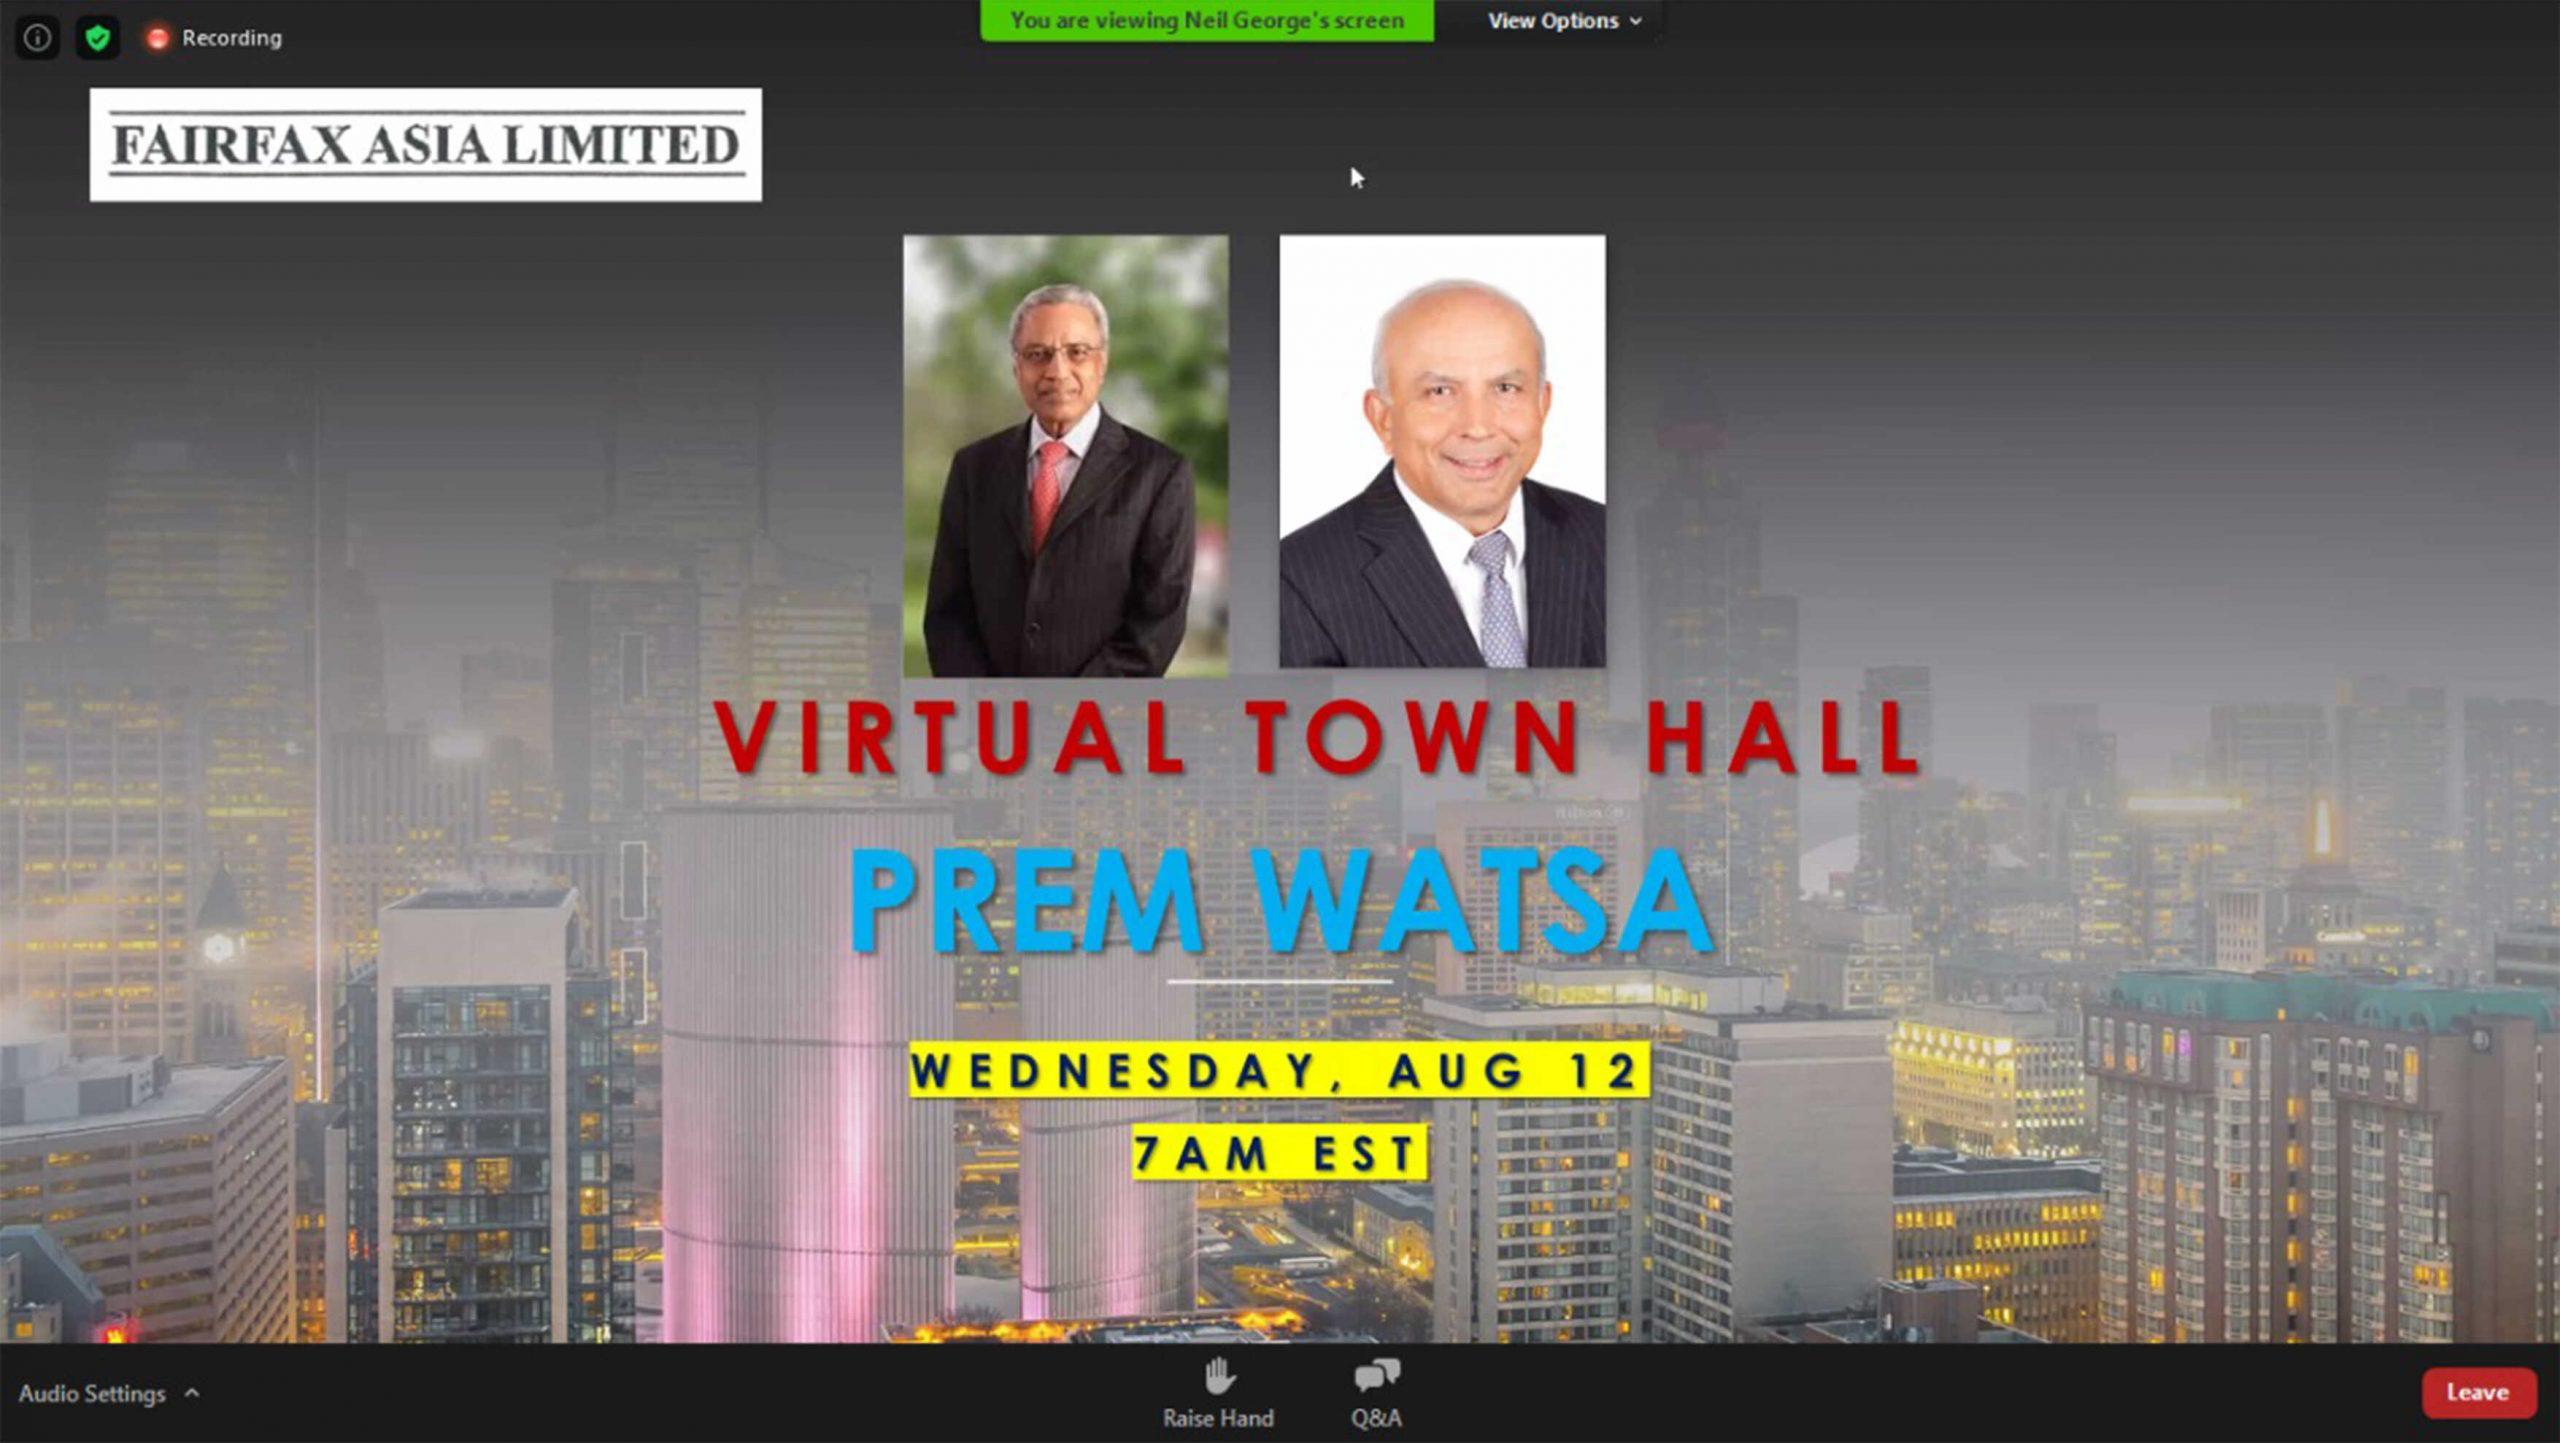 fairfax asia virtual town